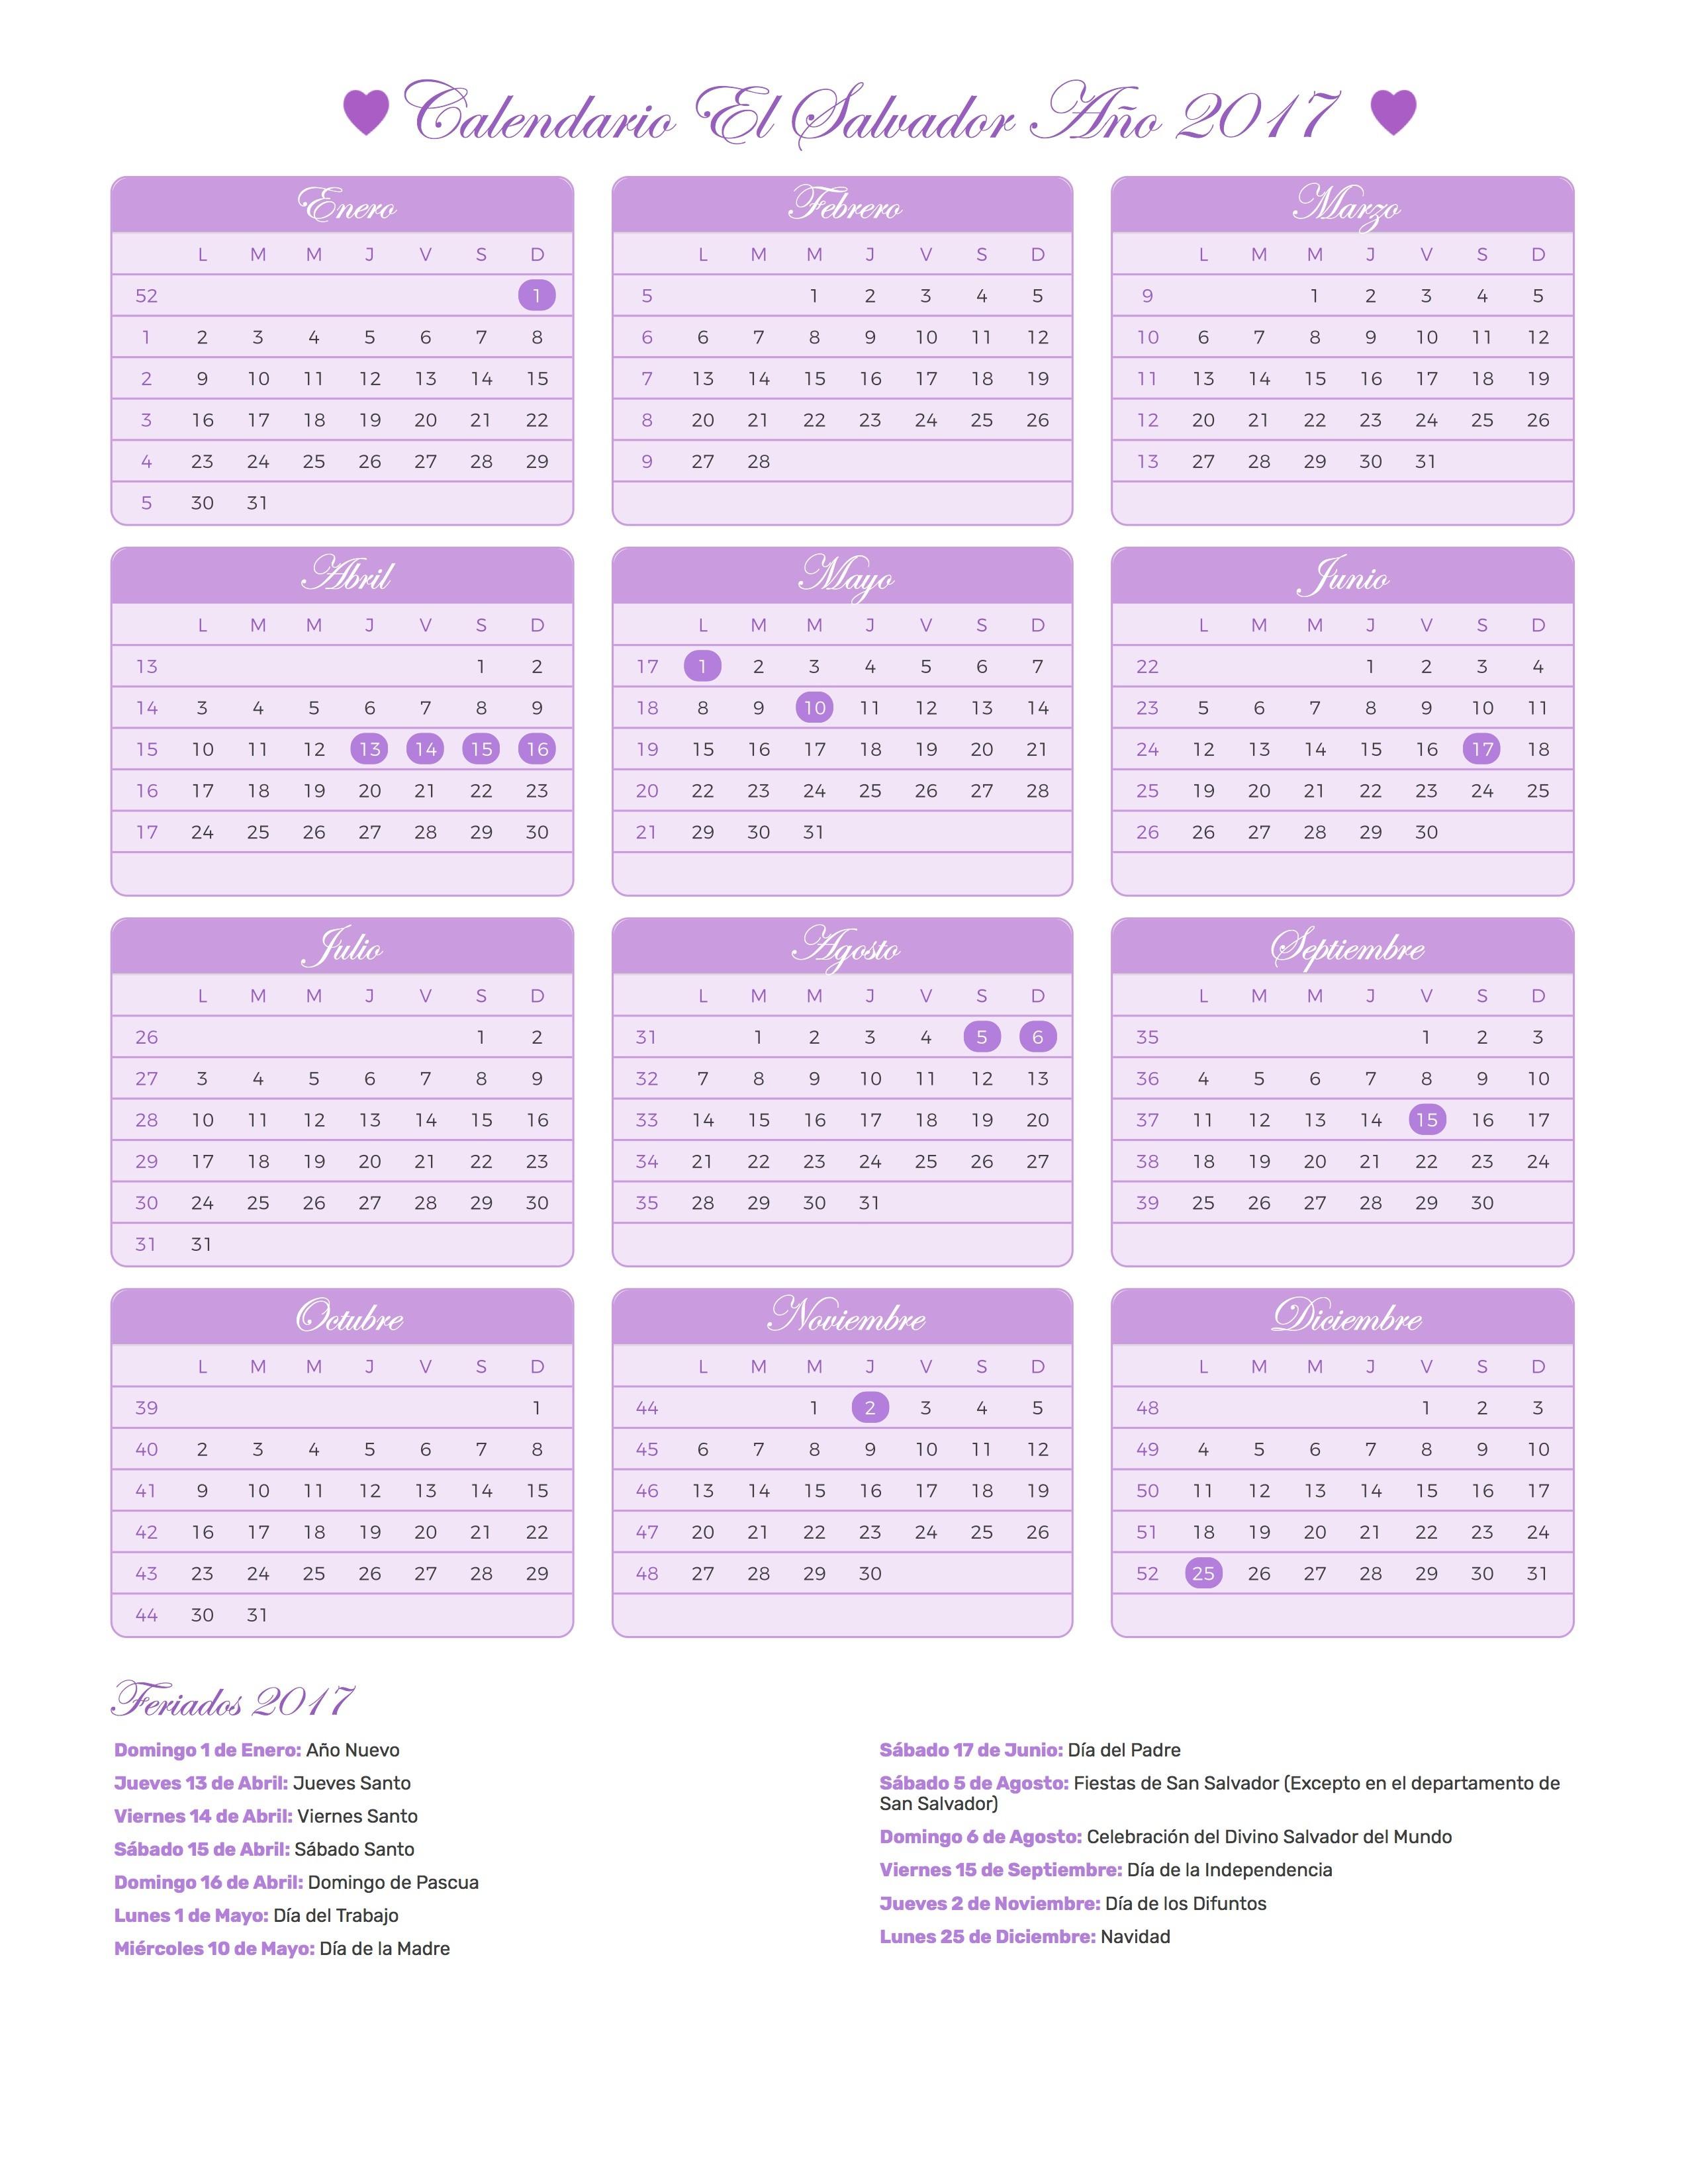 Calendario Imprimir Meses 2017 Más Caliente Calendario El Salvador A±o 2017 Of Calendario Imprimir Meses 2017 Más Populares Calendario Diciembre 47 Para Imprimir